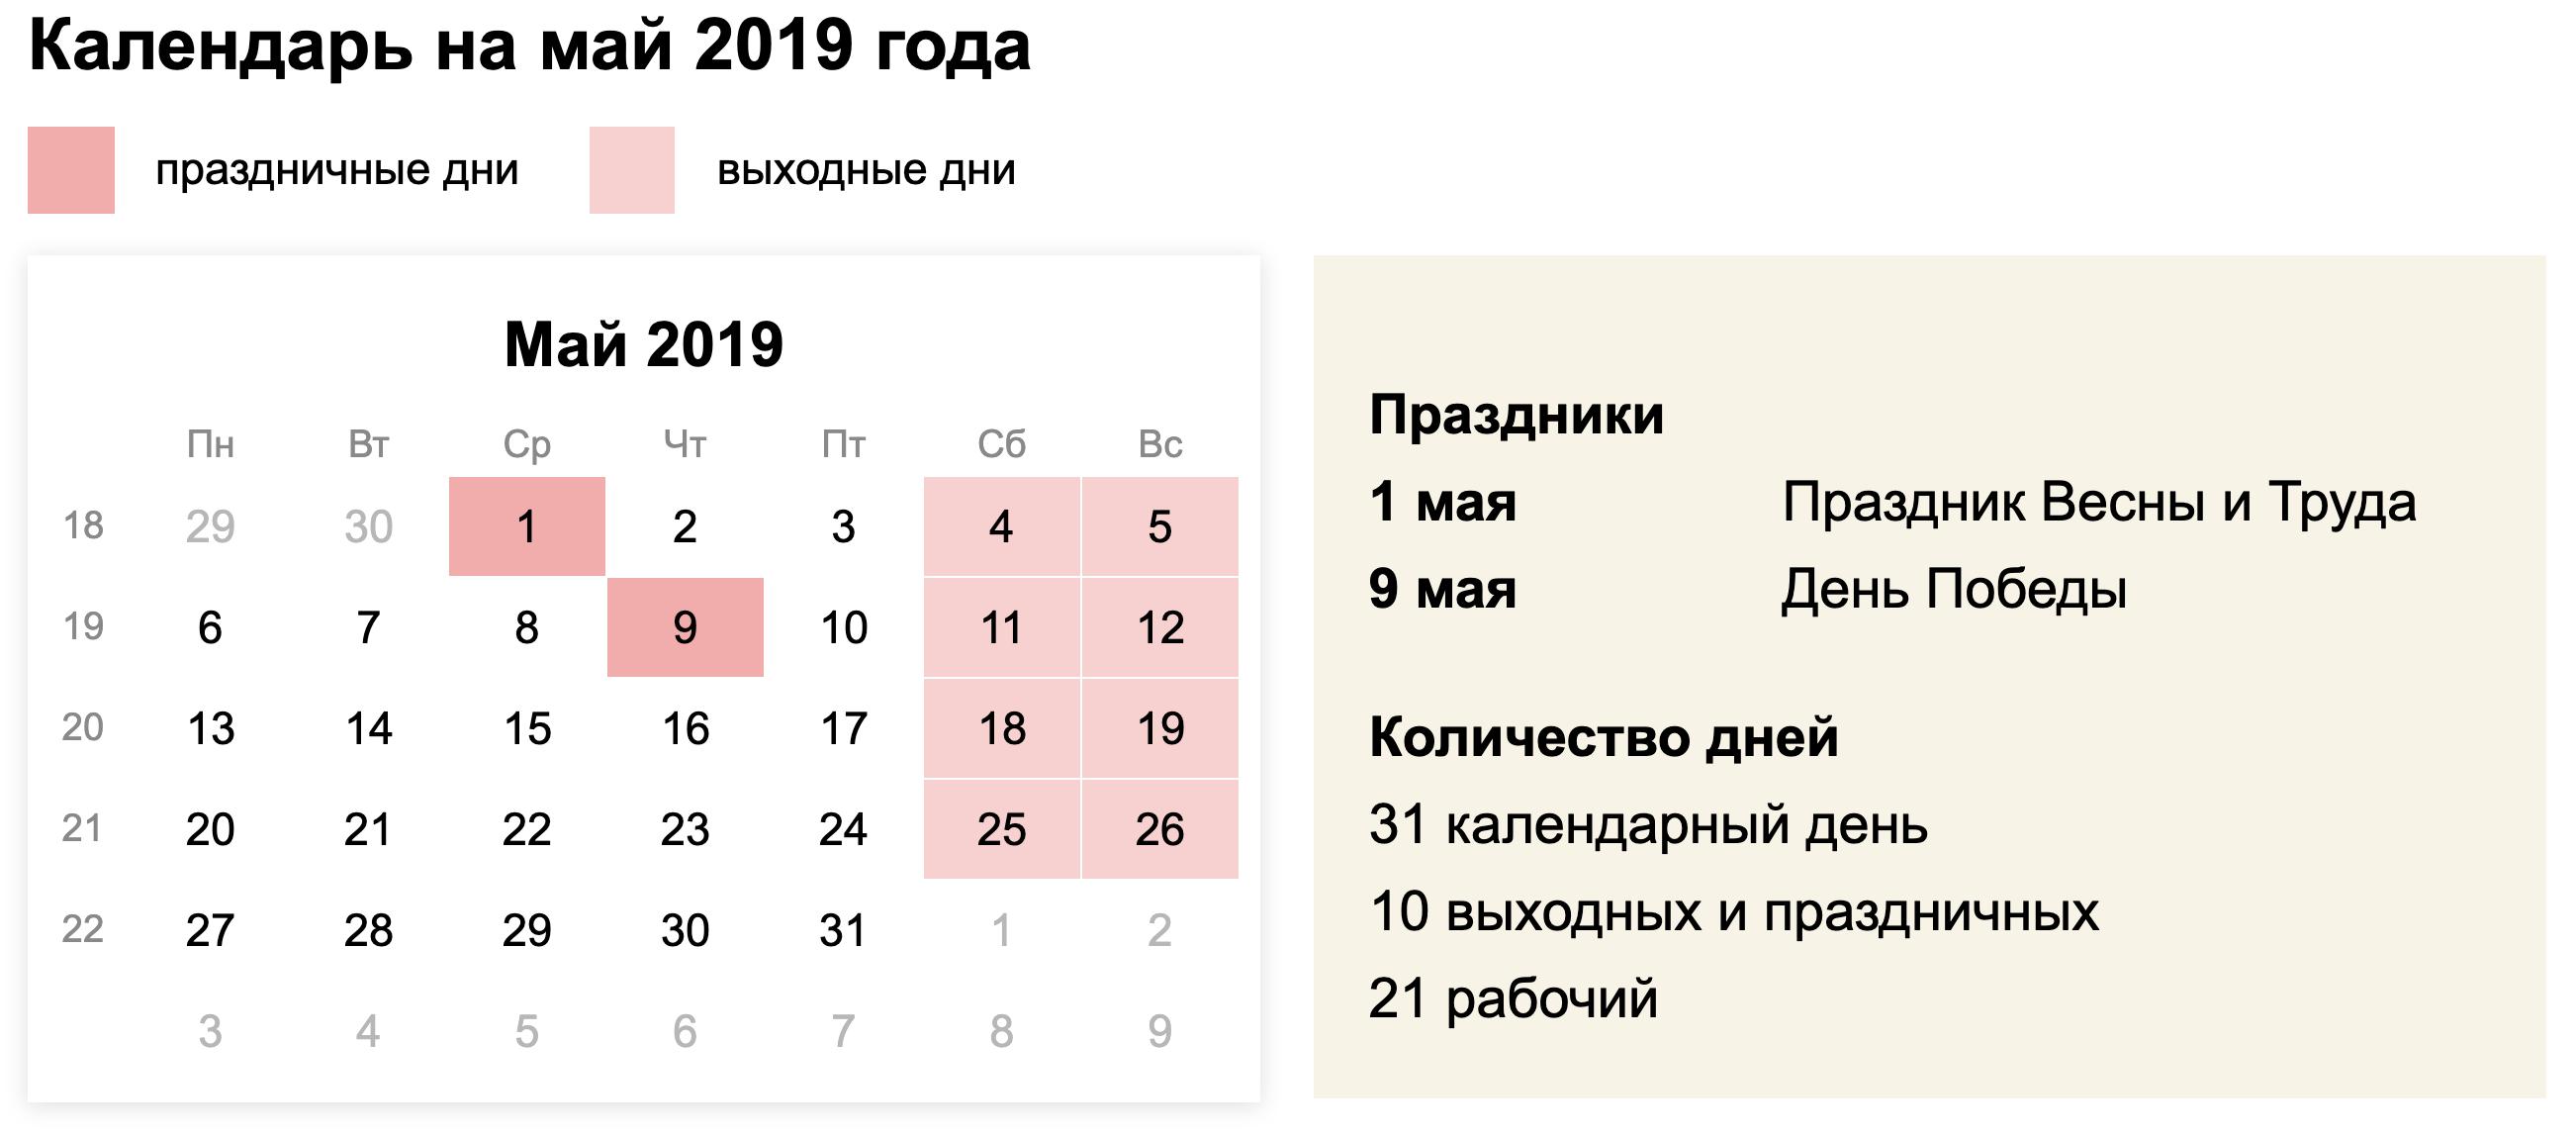 Как правильно написать заявление на отпуск на майские праздники 2019